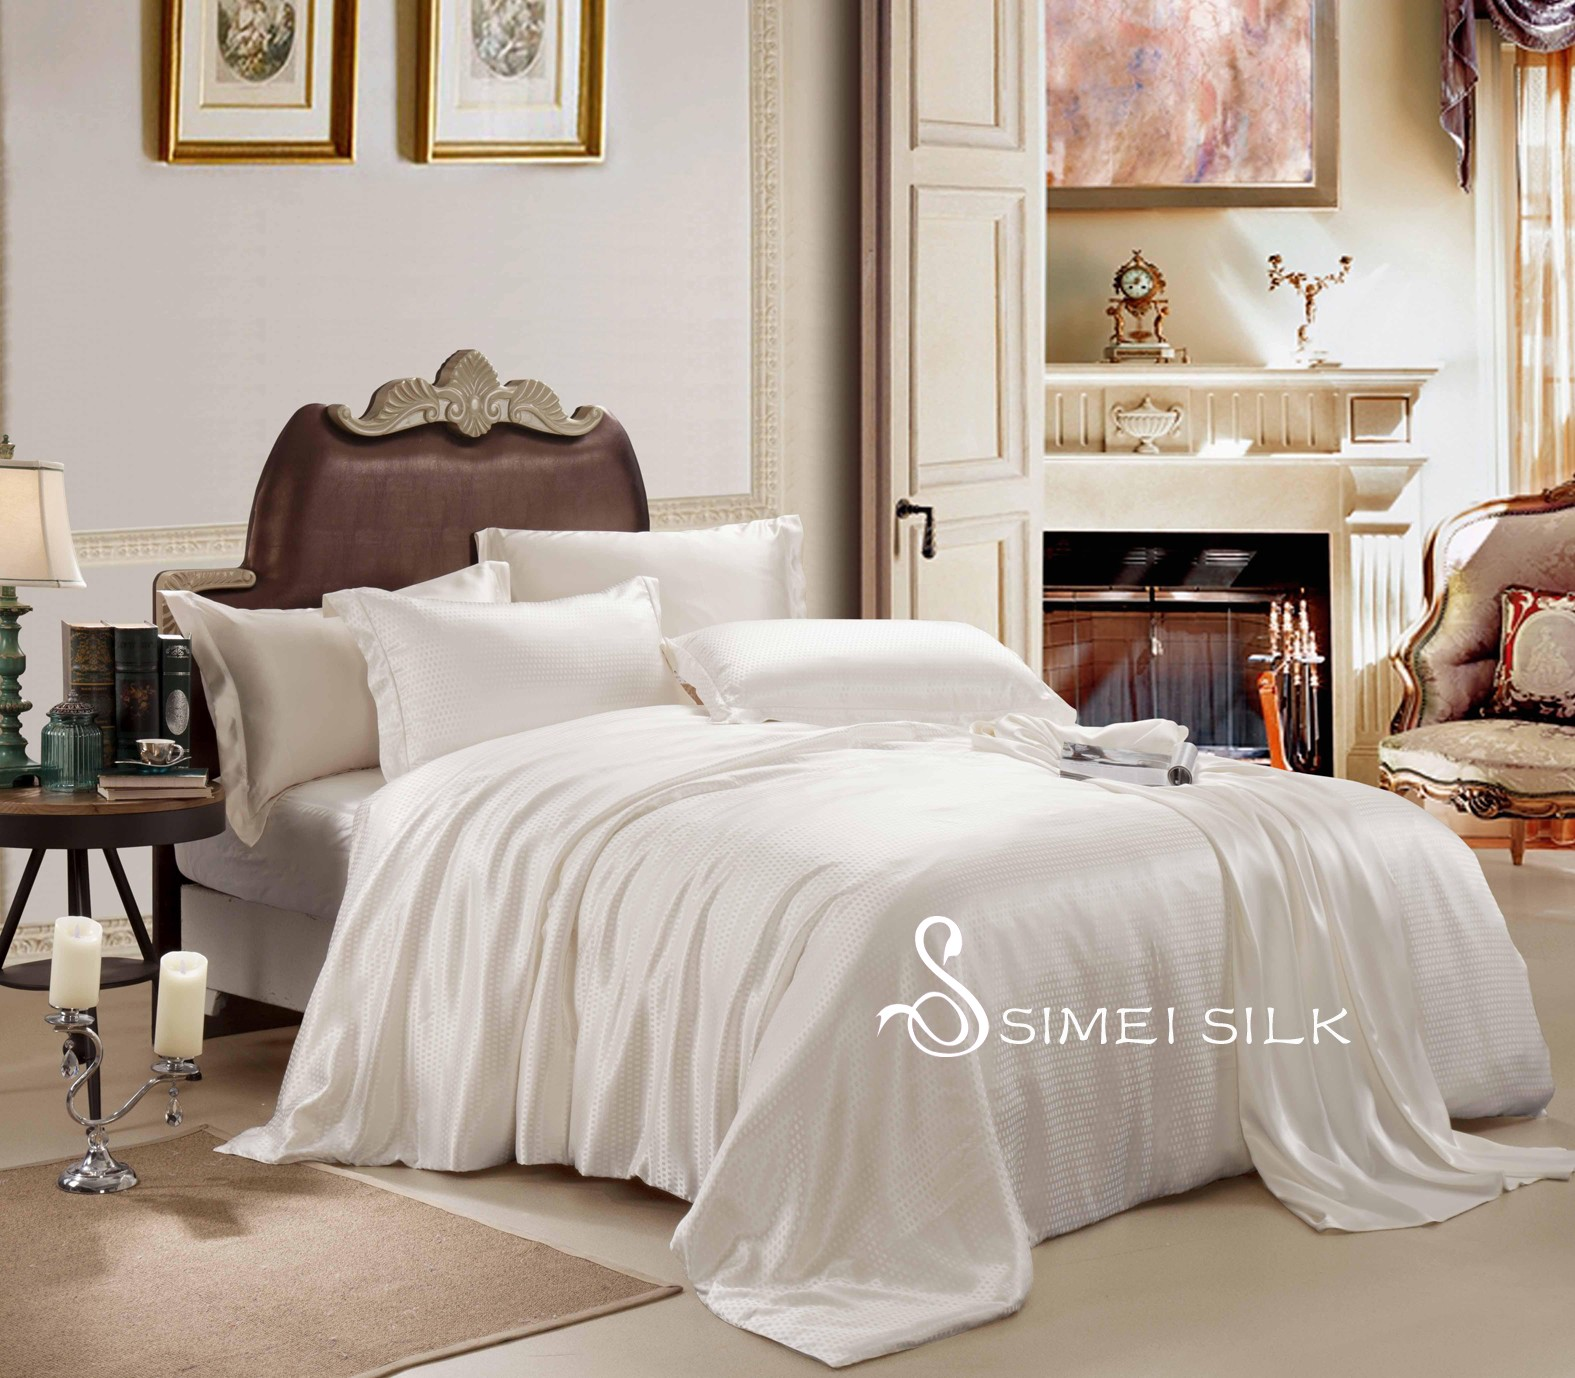 Silkkilakanasarja (Queen Size, 4-osainen. Väri: valkoinen-ruutu)